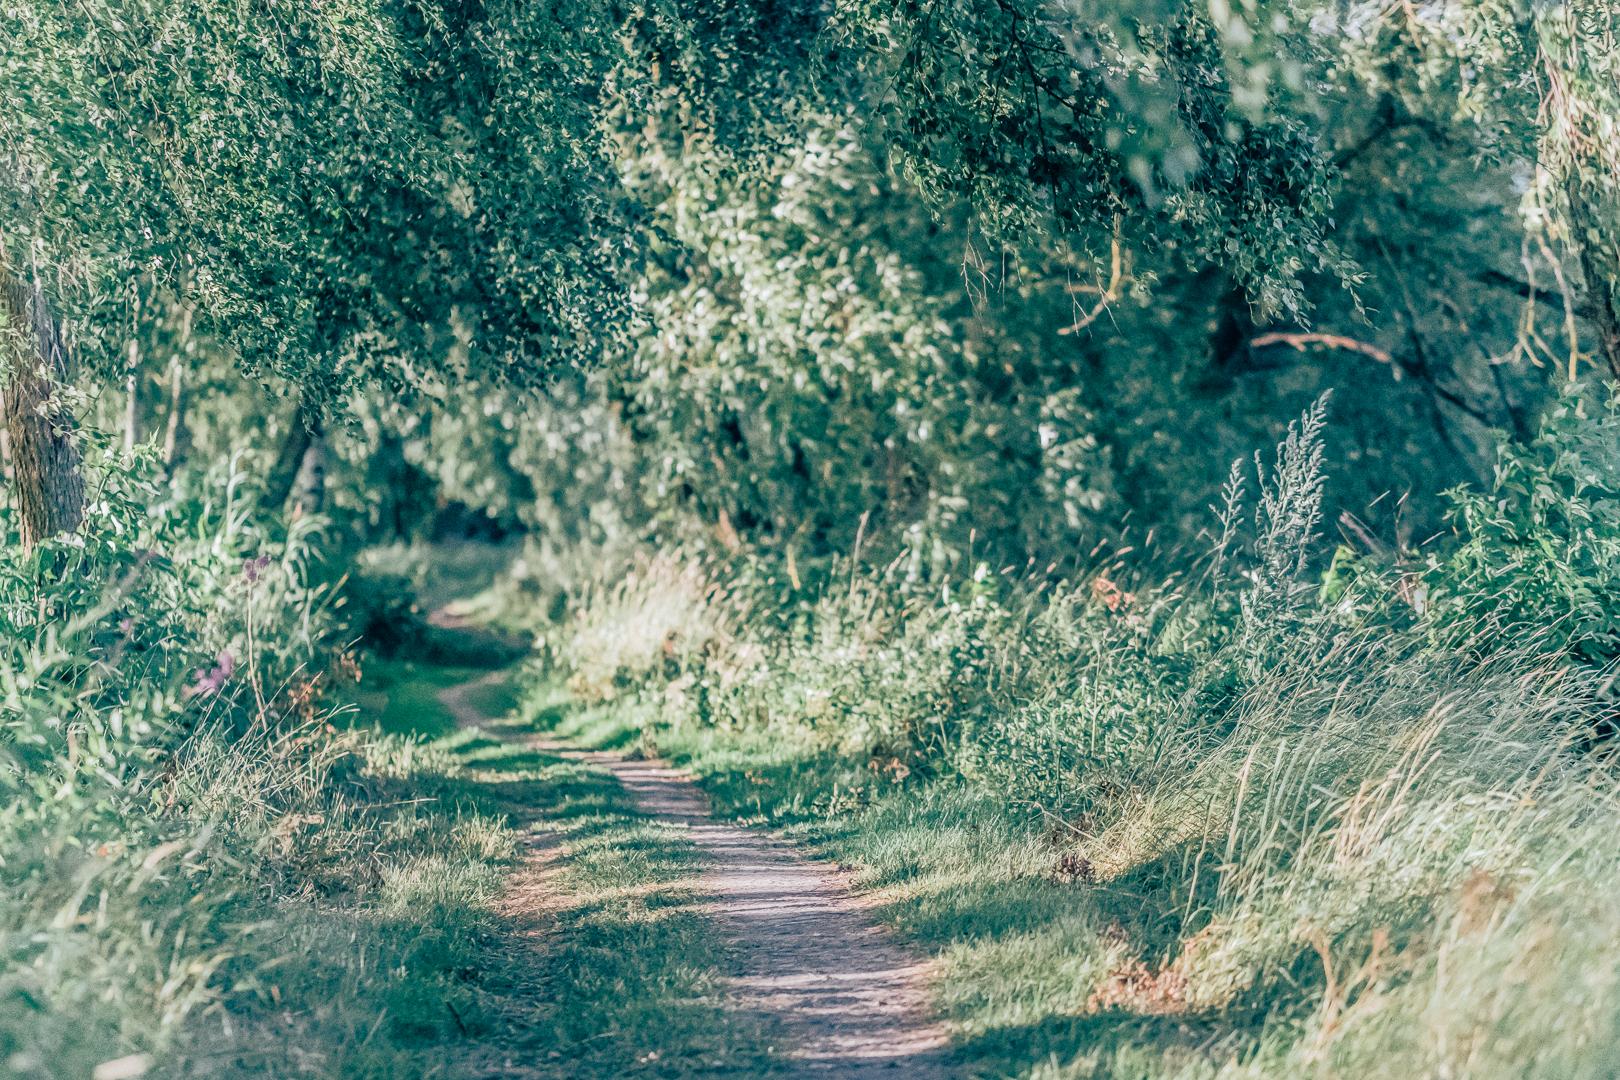 En promenad runt Dyarna i Enköping. Motiverat av Vandringsbloggen samt Kvinnligaäventyrare